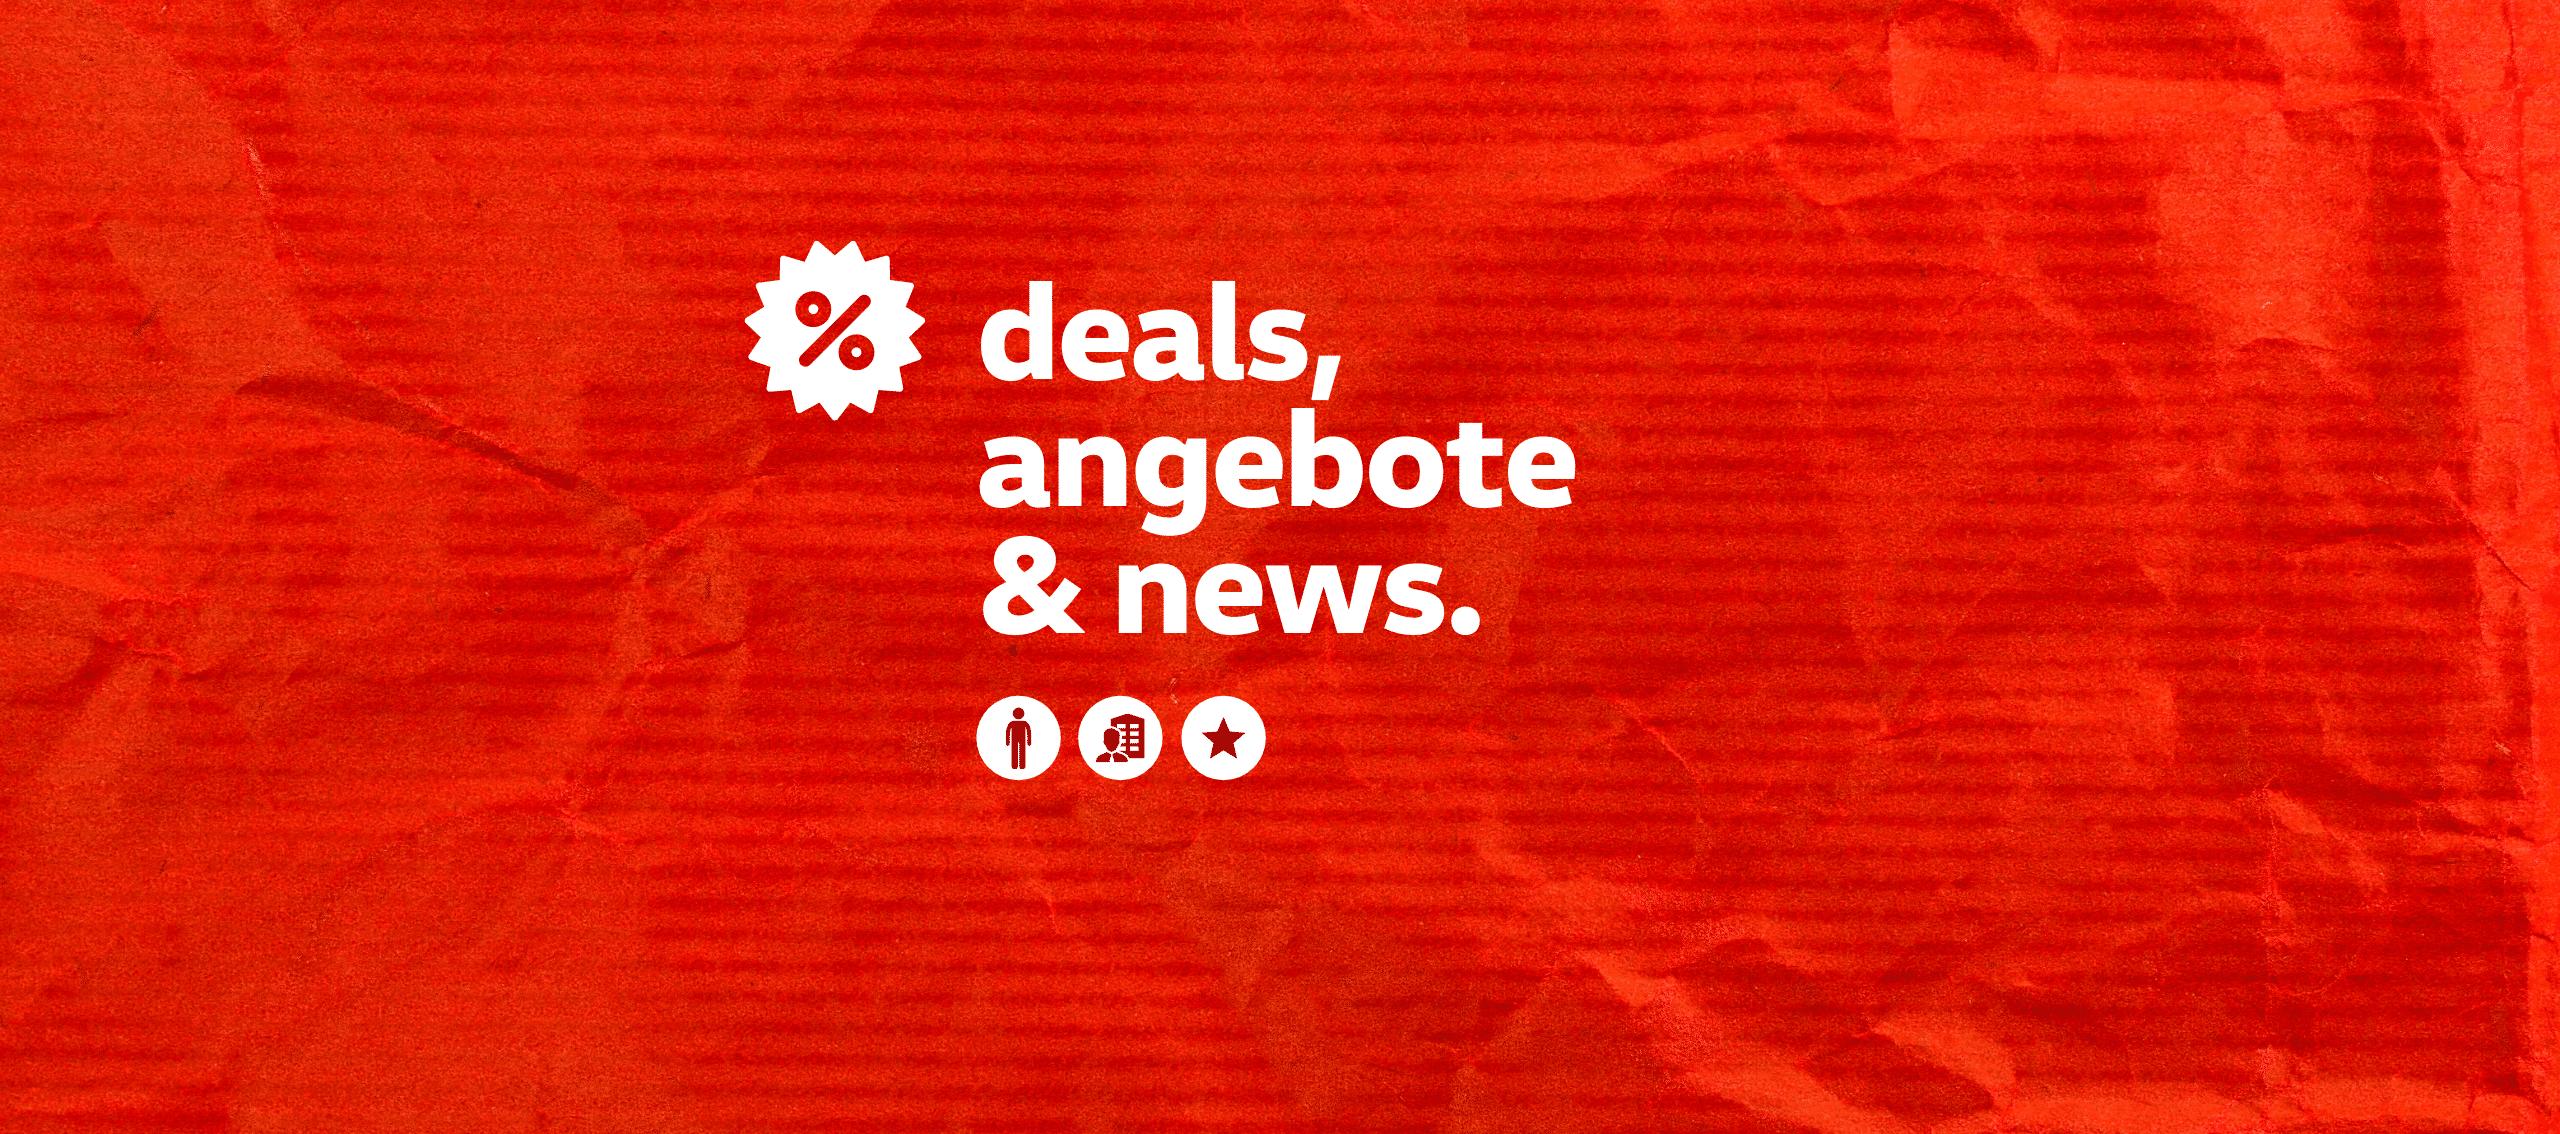 deals & news.